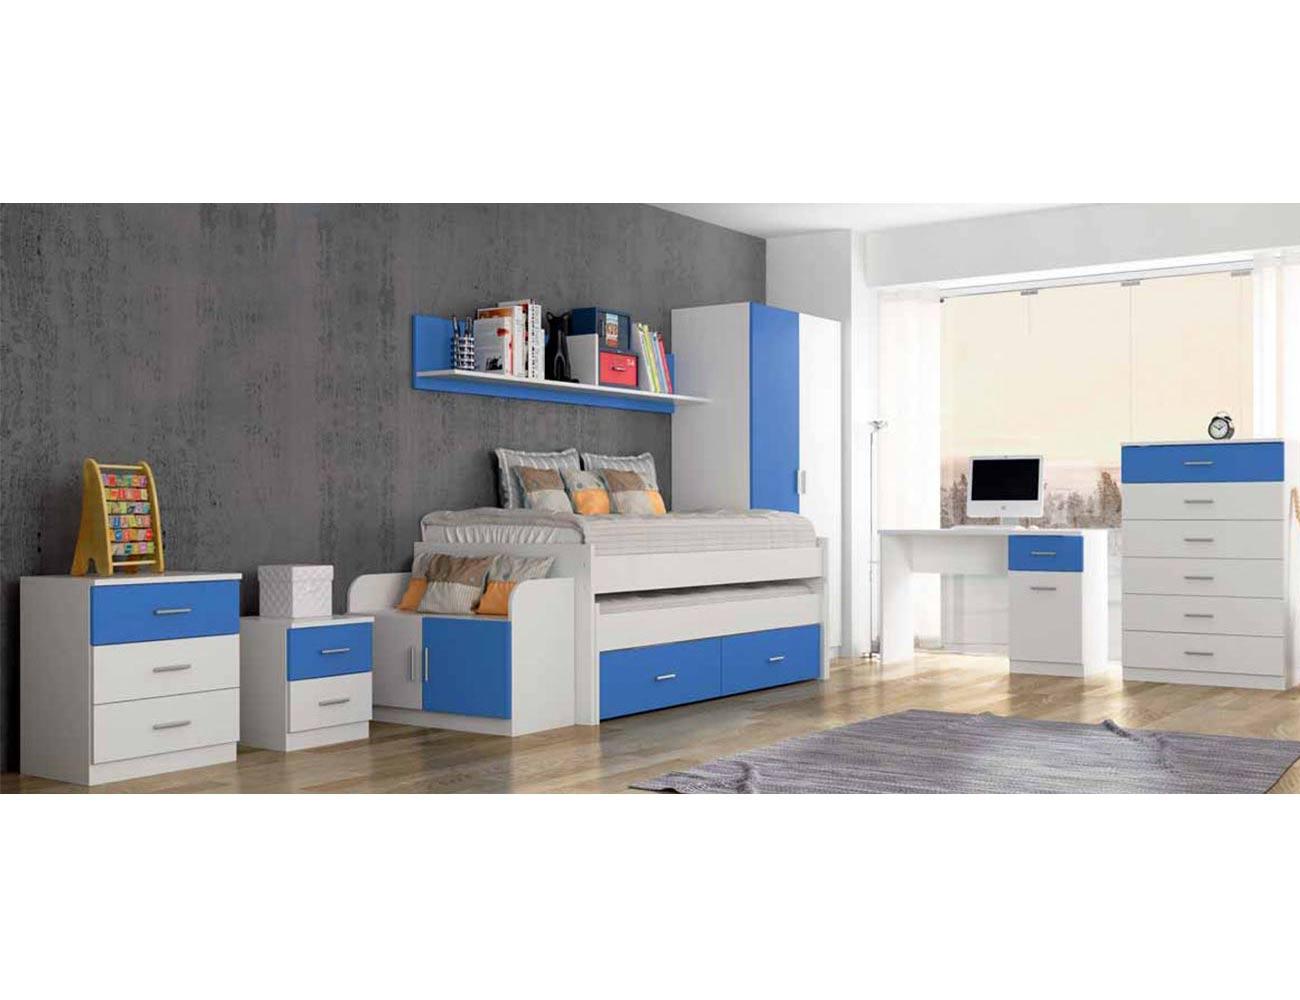 Dormitorio juvenil comodin mesita noche banqueta estanteria cama compacto nido mesa estudio sinfonier armario6